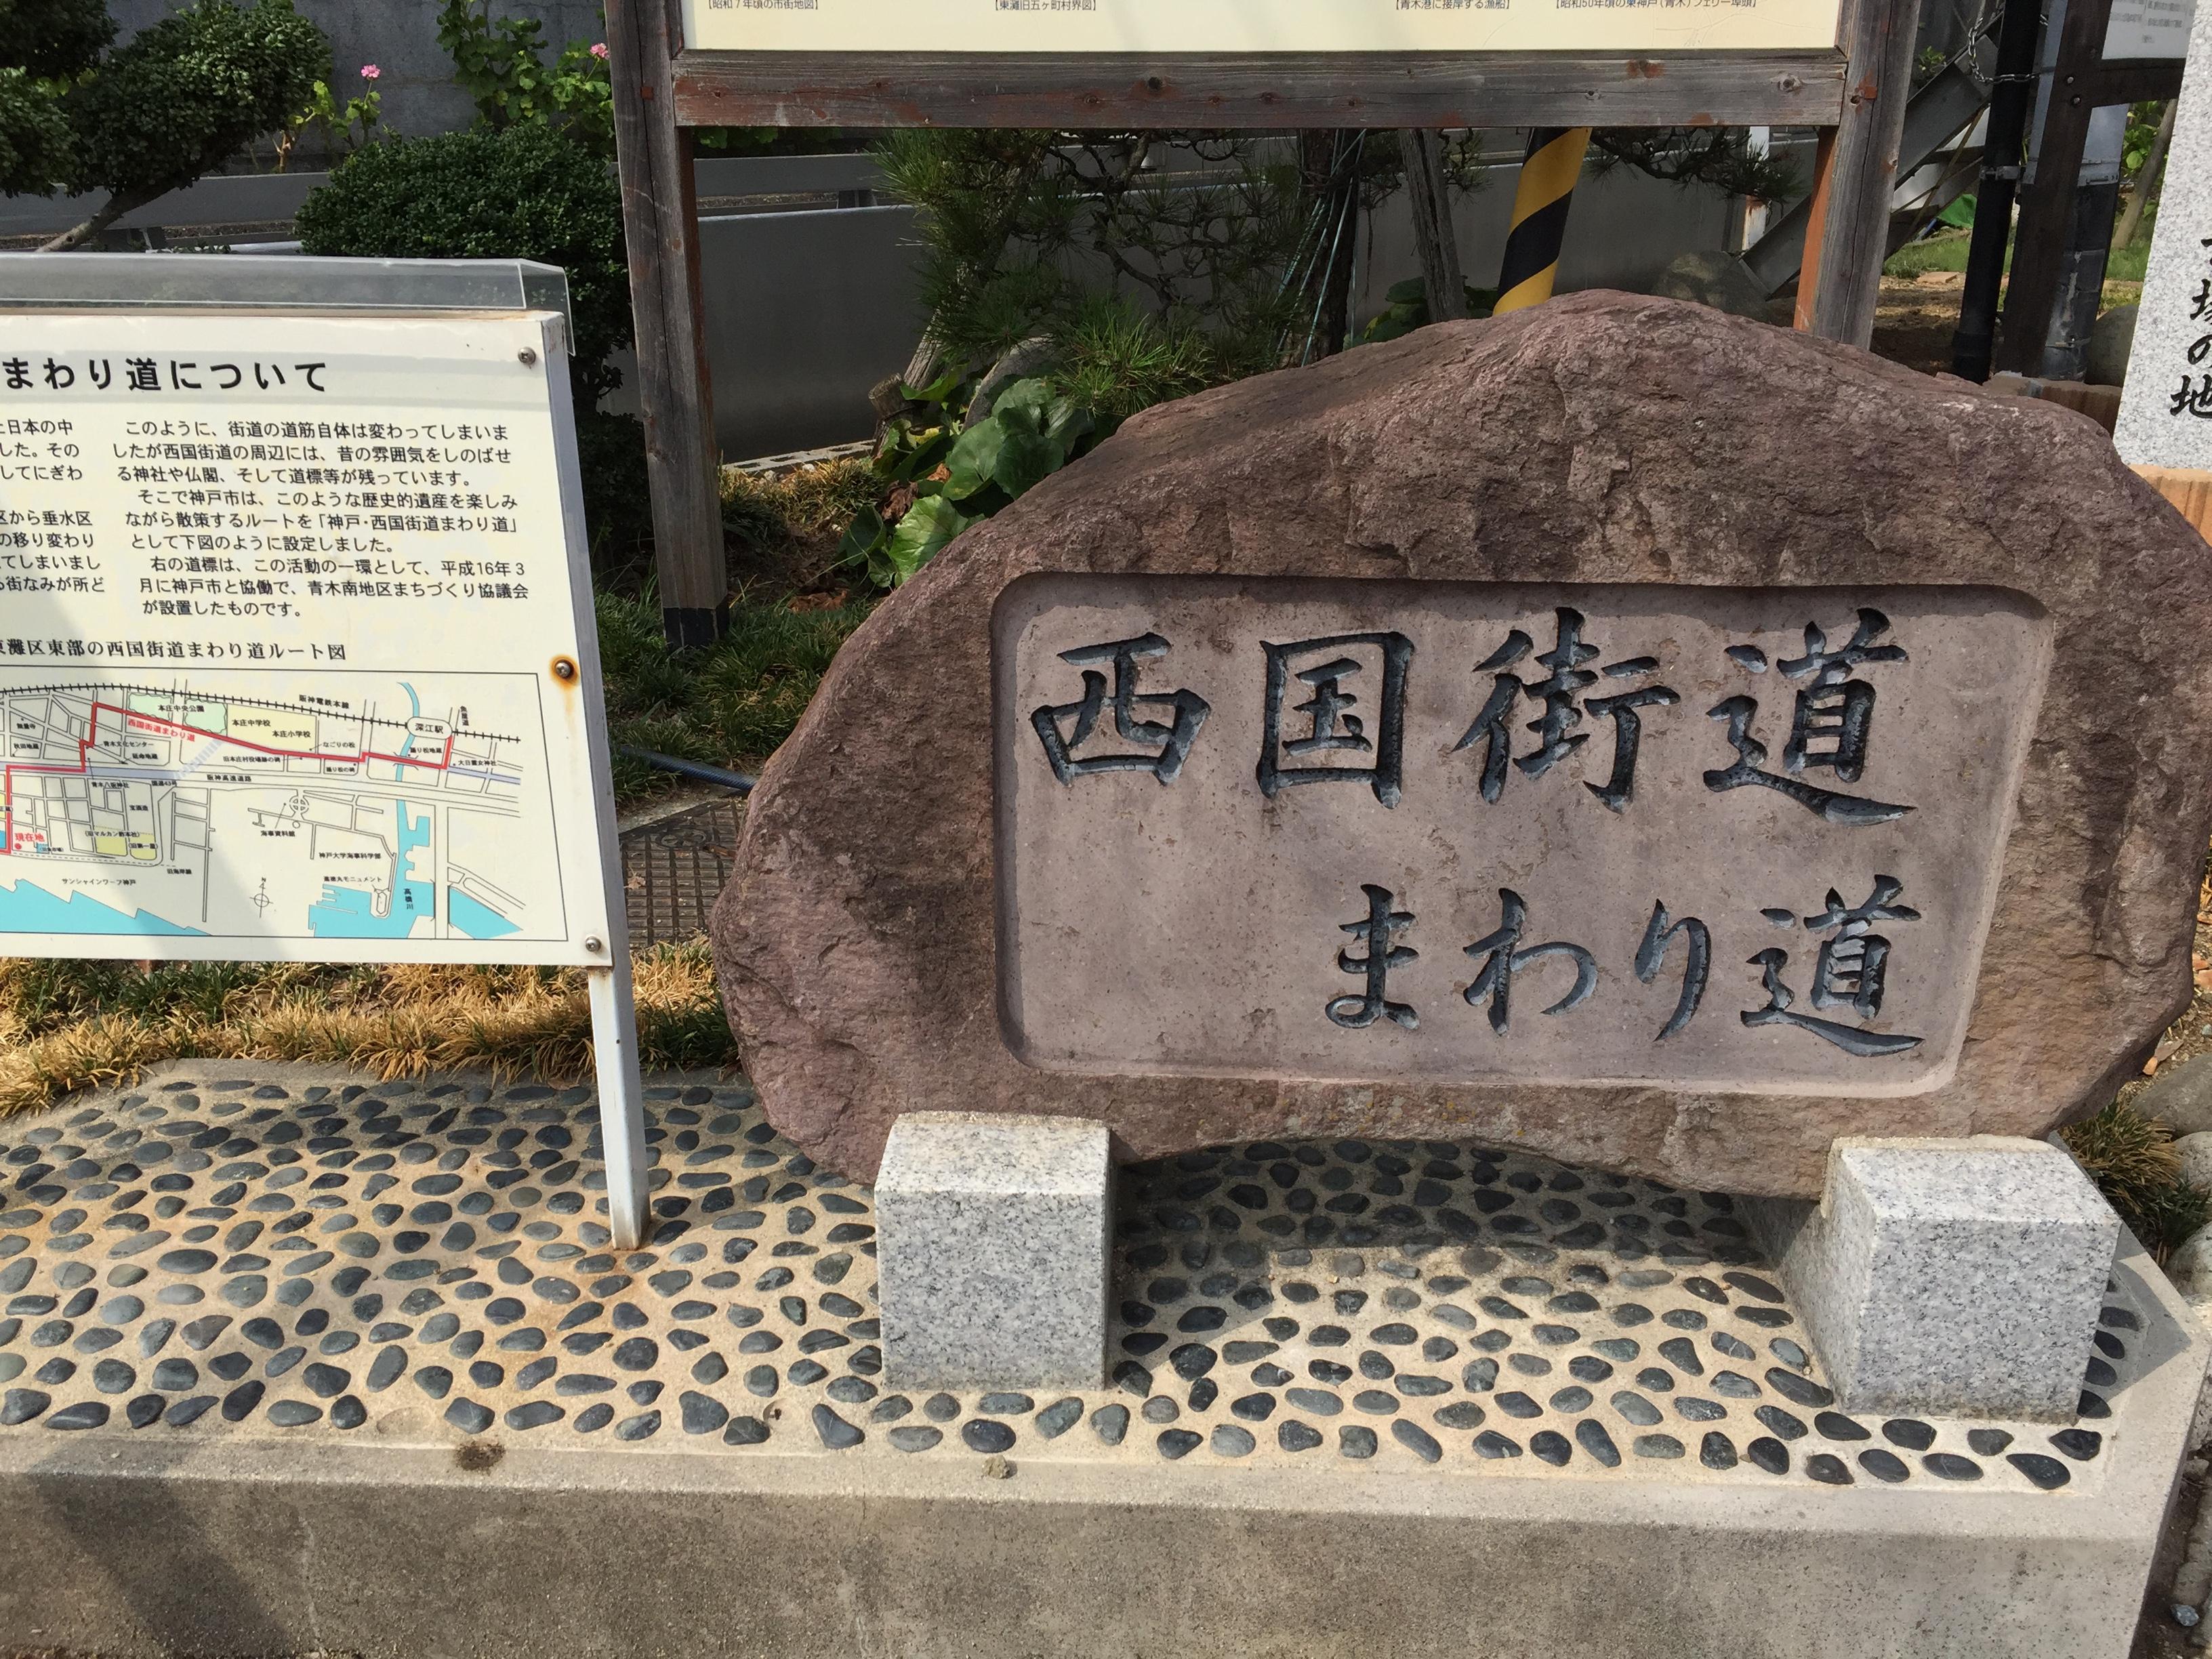 神戸・青木南に「西国街道まわり道」と「素麺発祥の地」を見つけたよ【写真で見る歴史レポ】